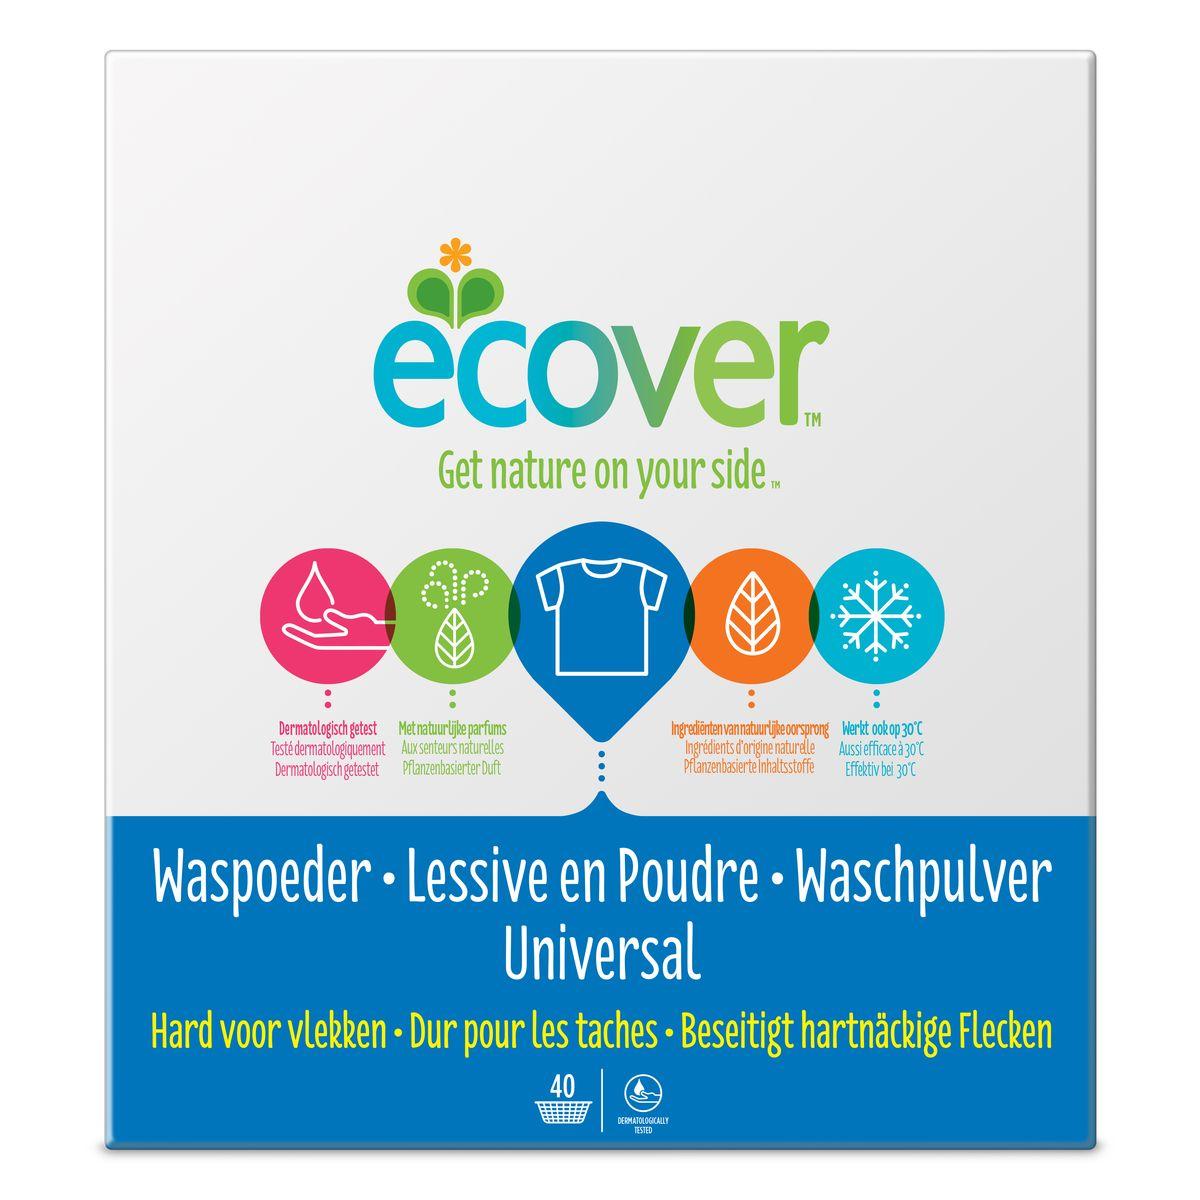 Экологический стиральный порошок Ecover, концентрат, универсальный, 3 кг бытовая химия xaax порошок концентрат для стирки универсальный бесфосфатный 1 5 кг